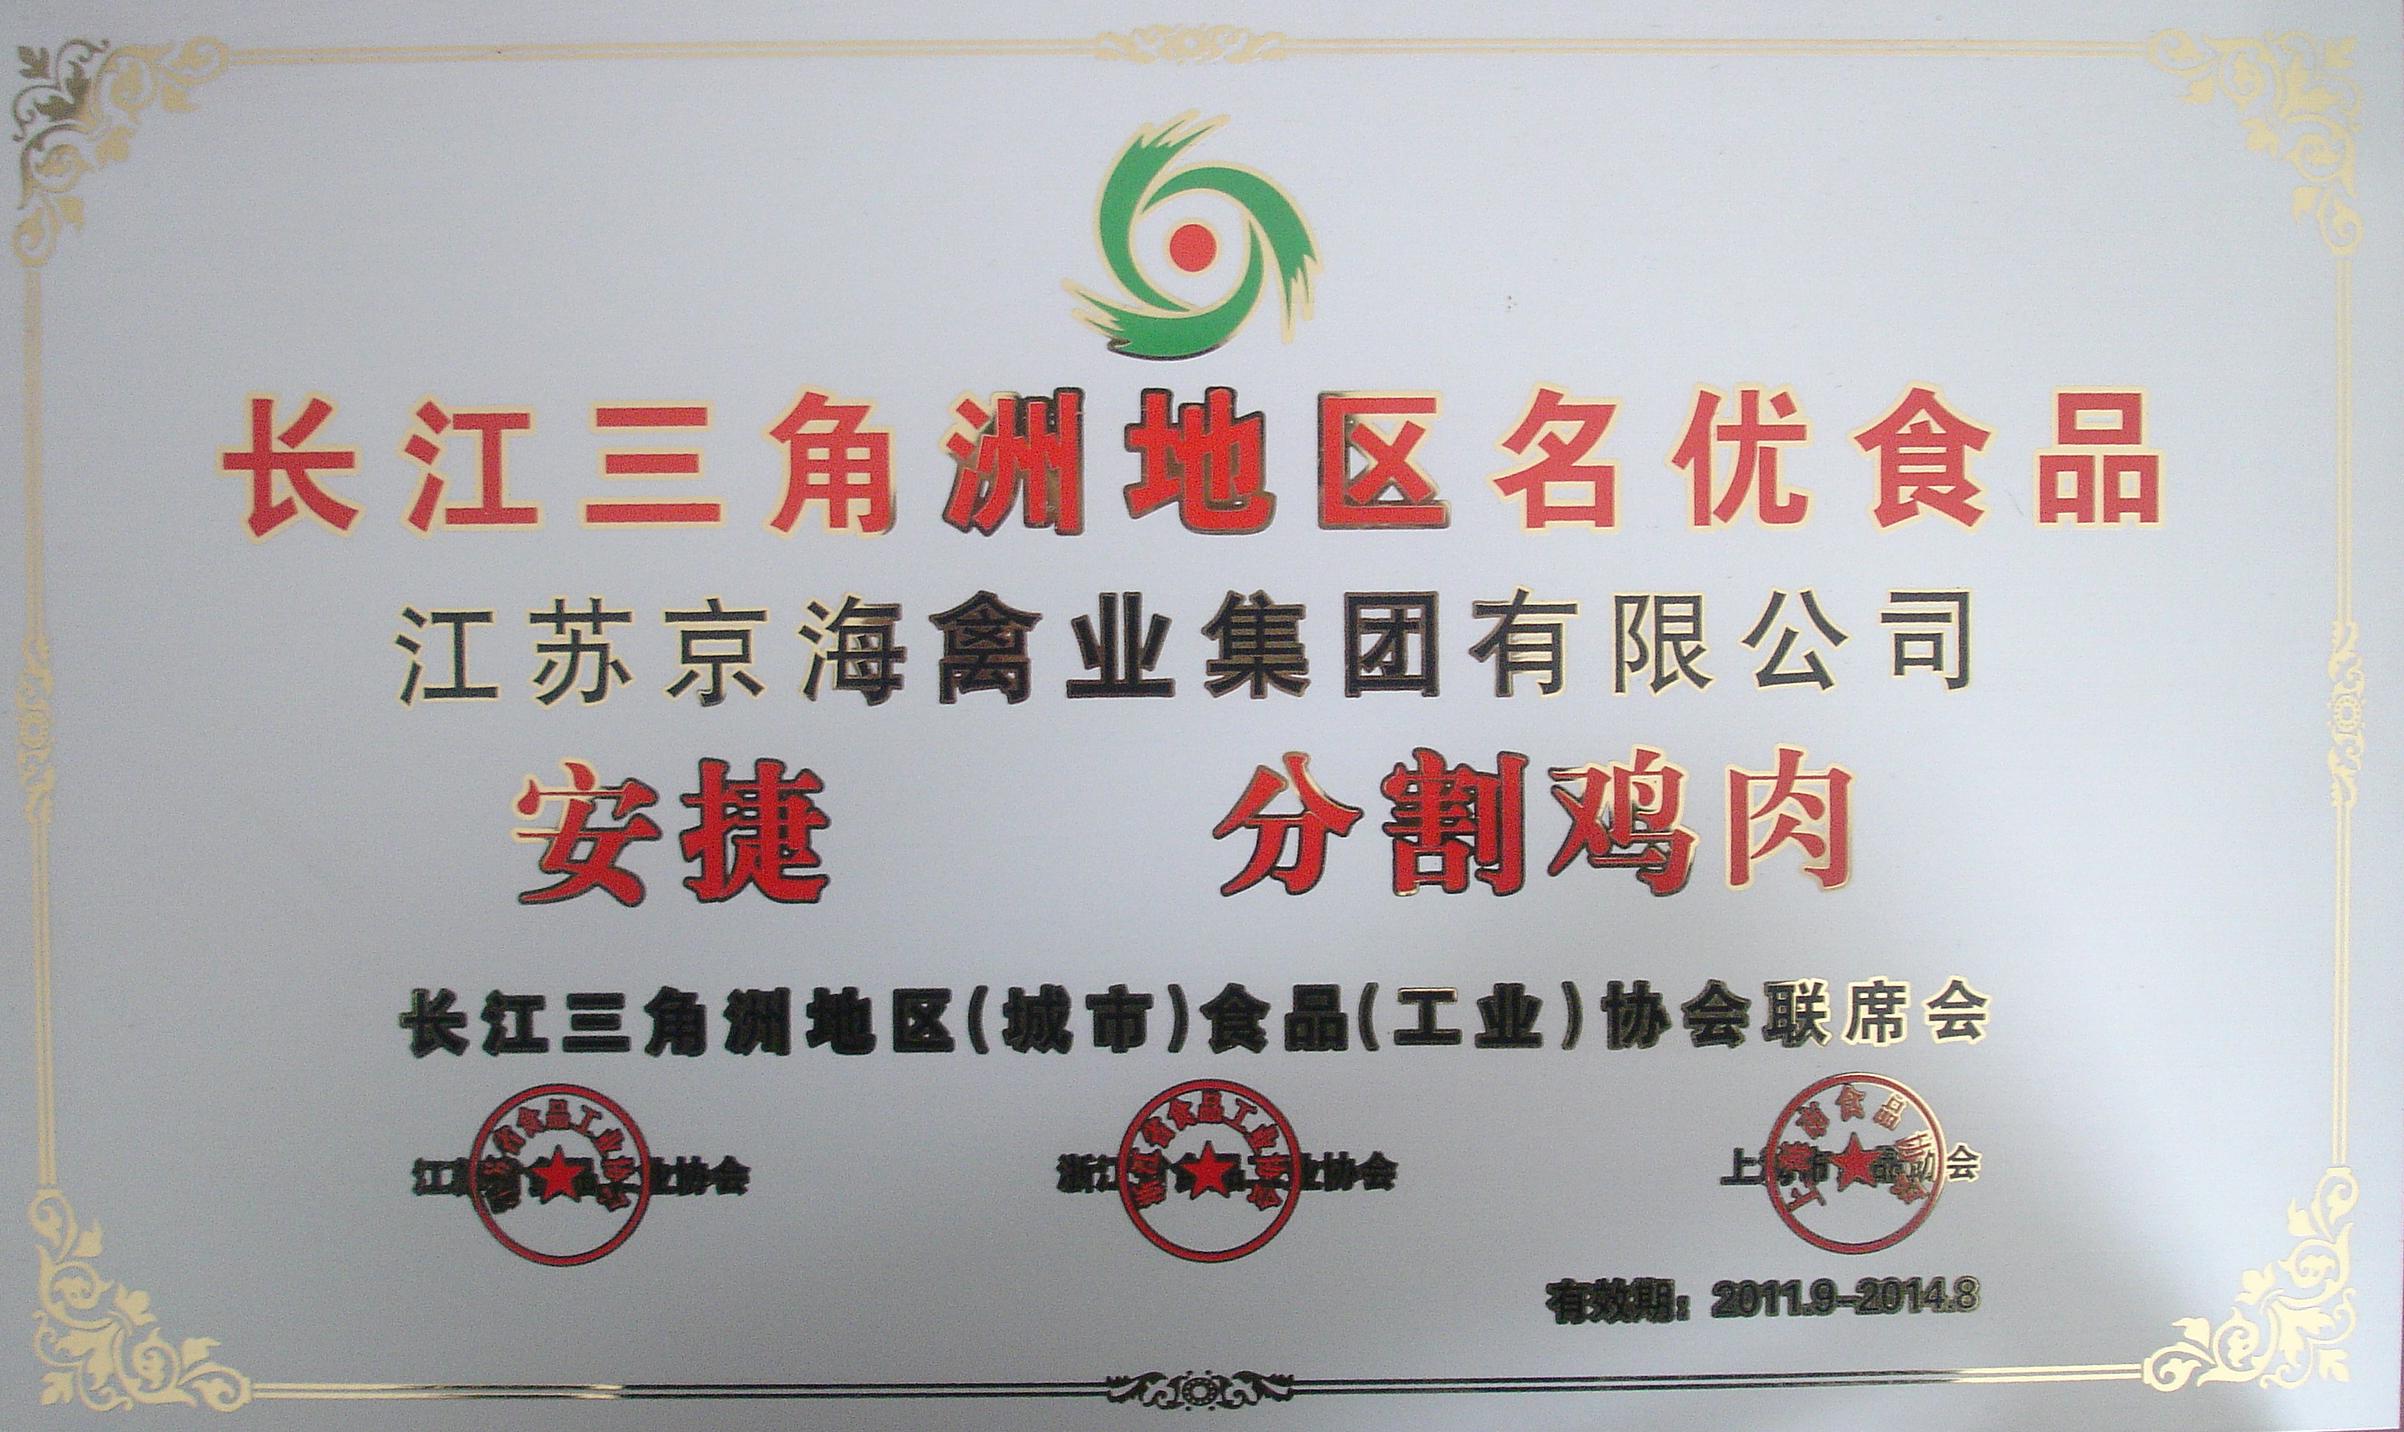 长三角地区名优食品.jpg